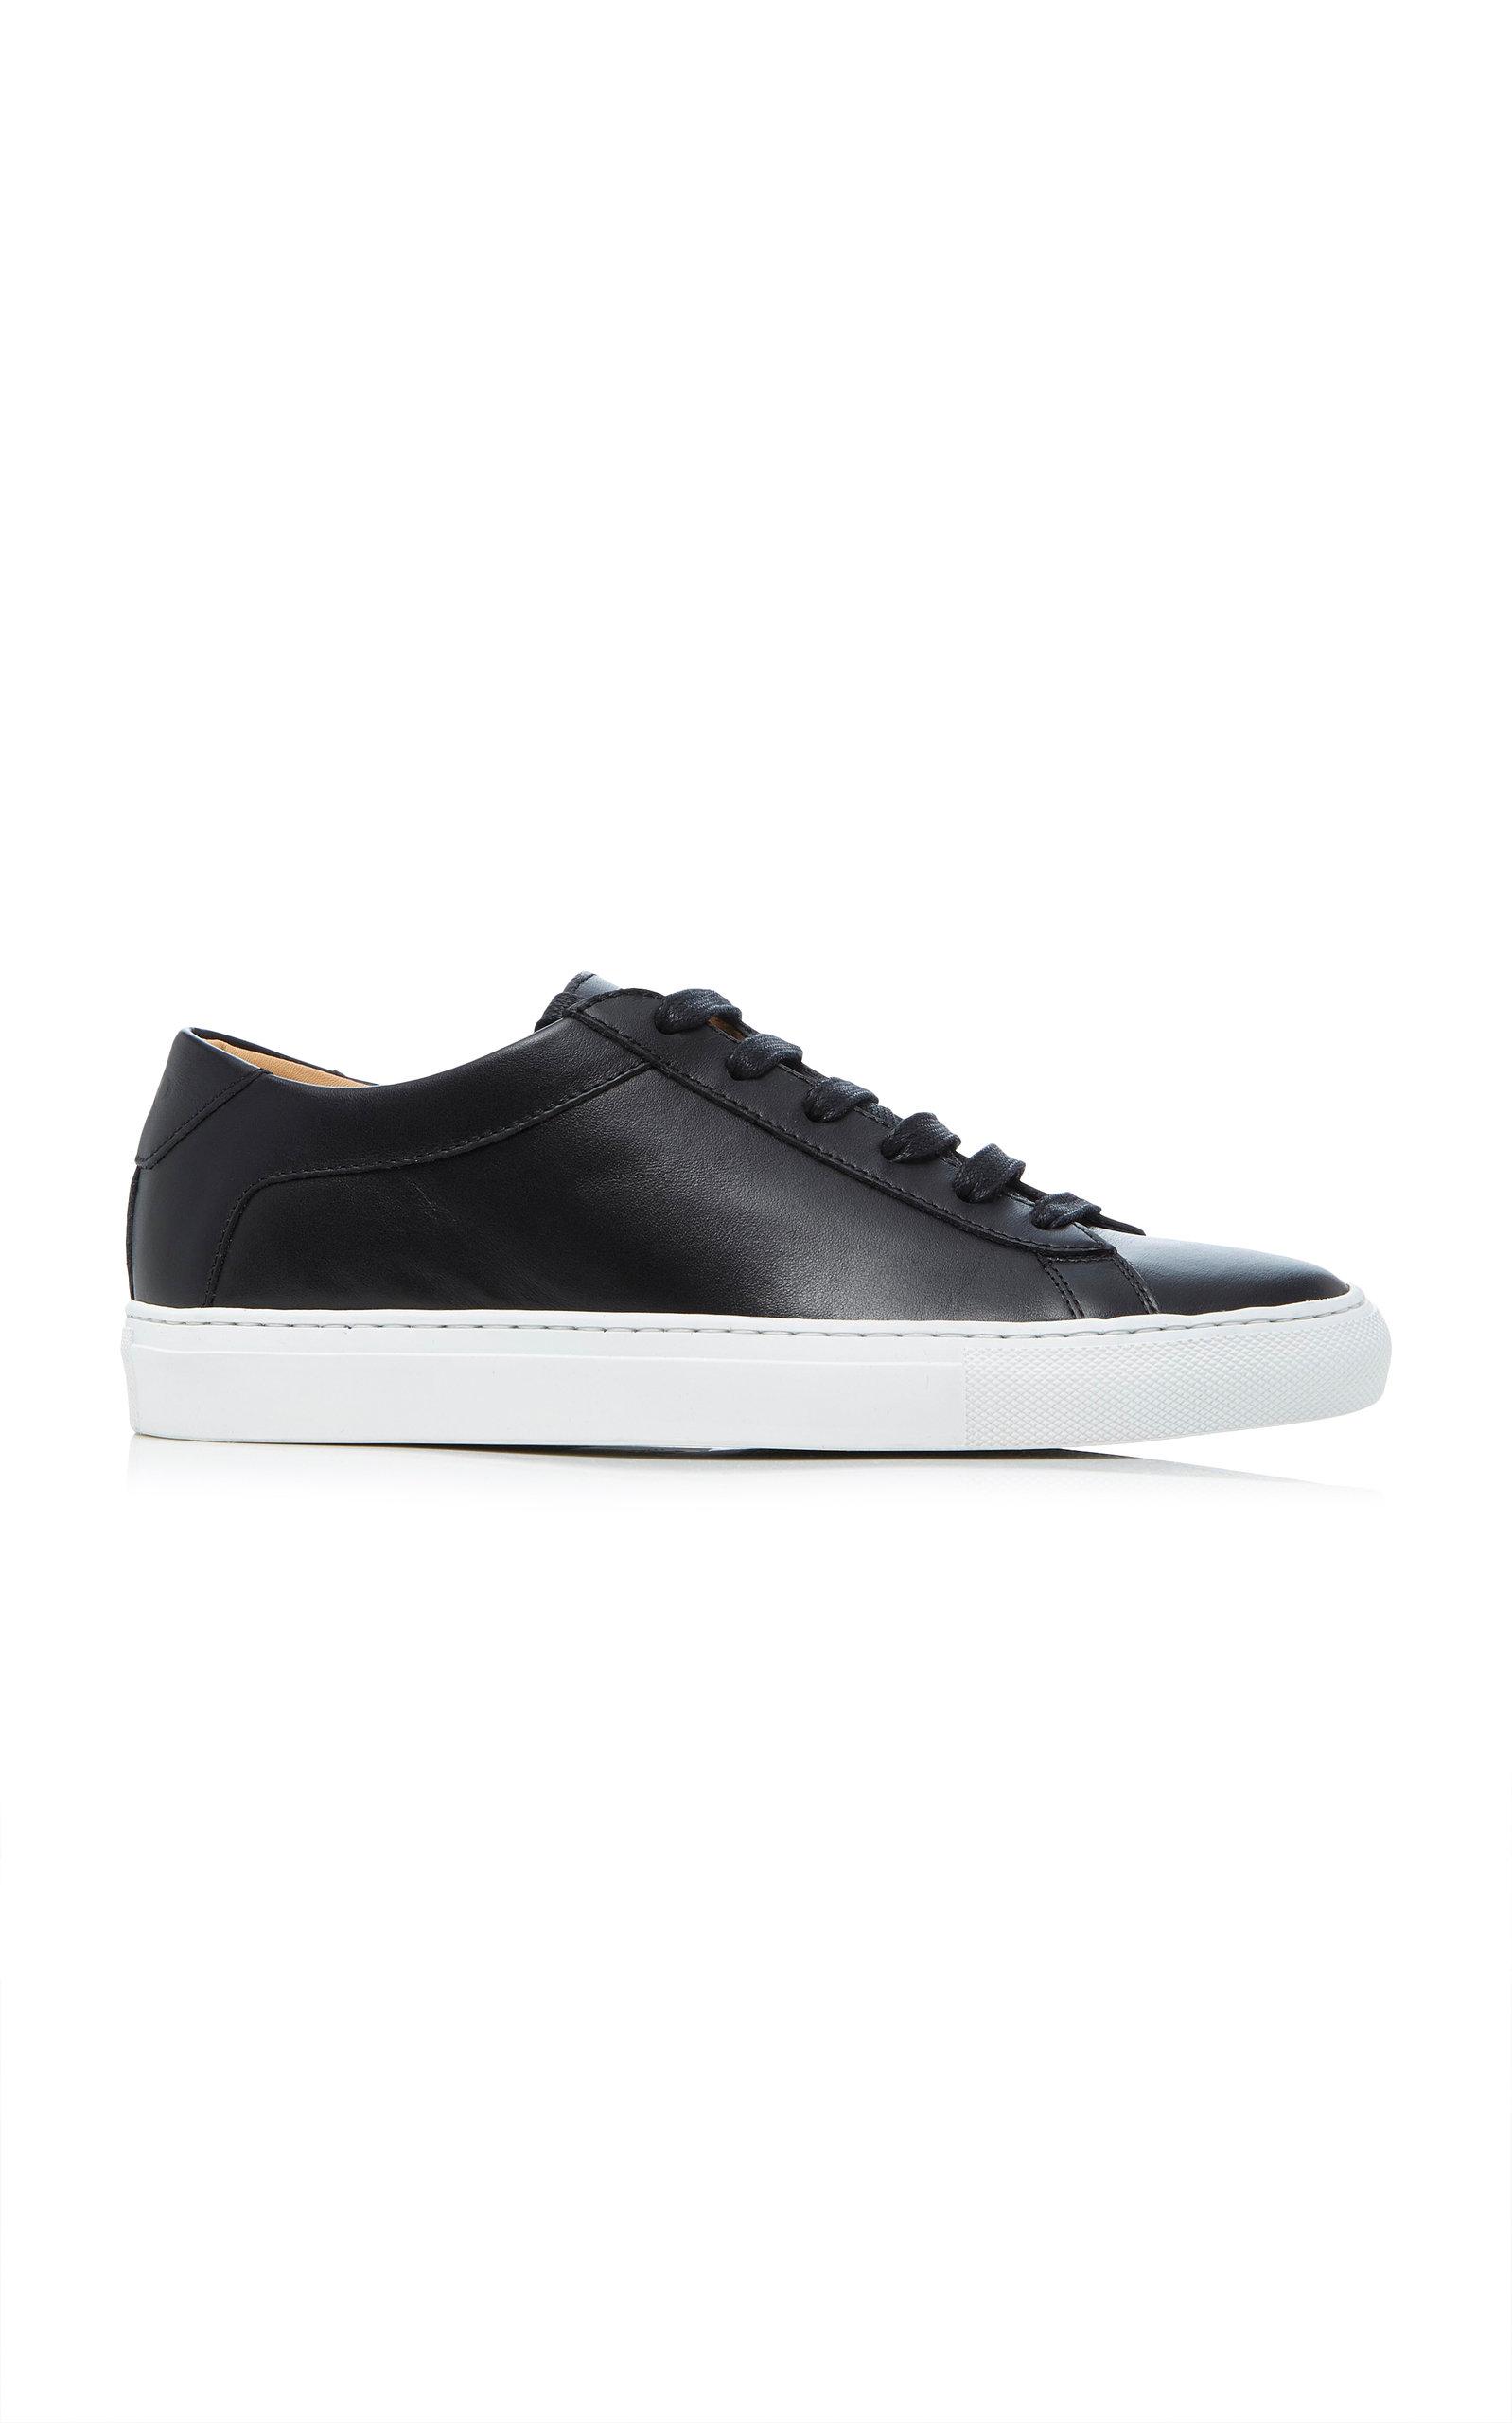 Koio Capri Chaussures De Sport - Noir Onyx YUm8S22L85